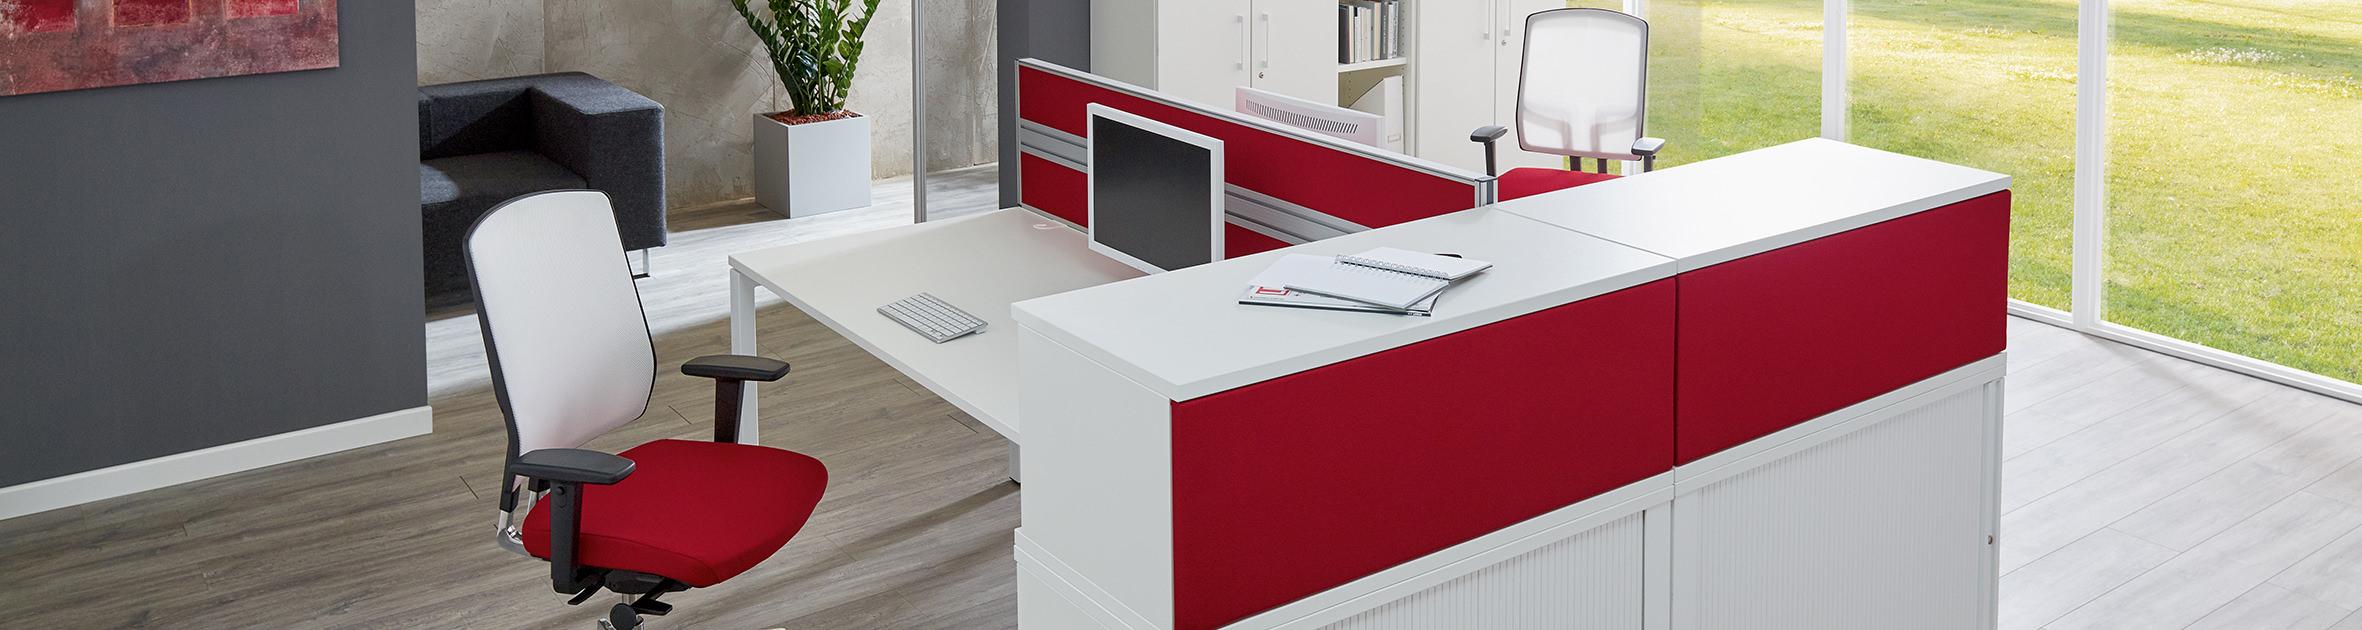 ckw Einrichtung, Büro in Rot